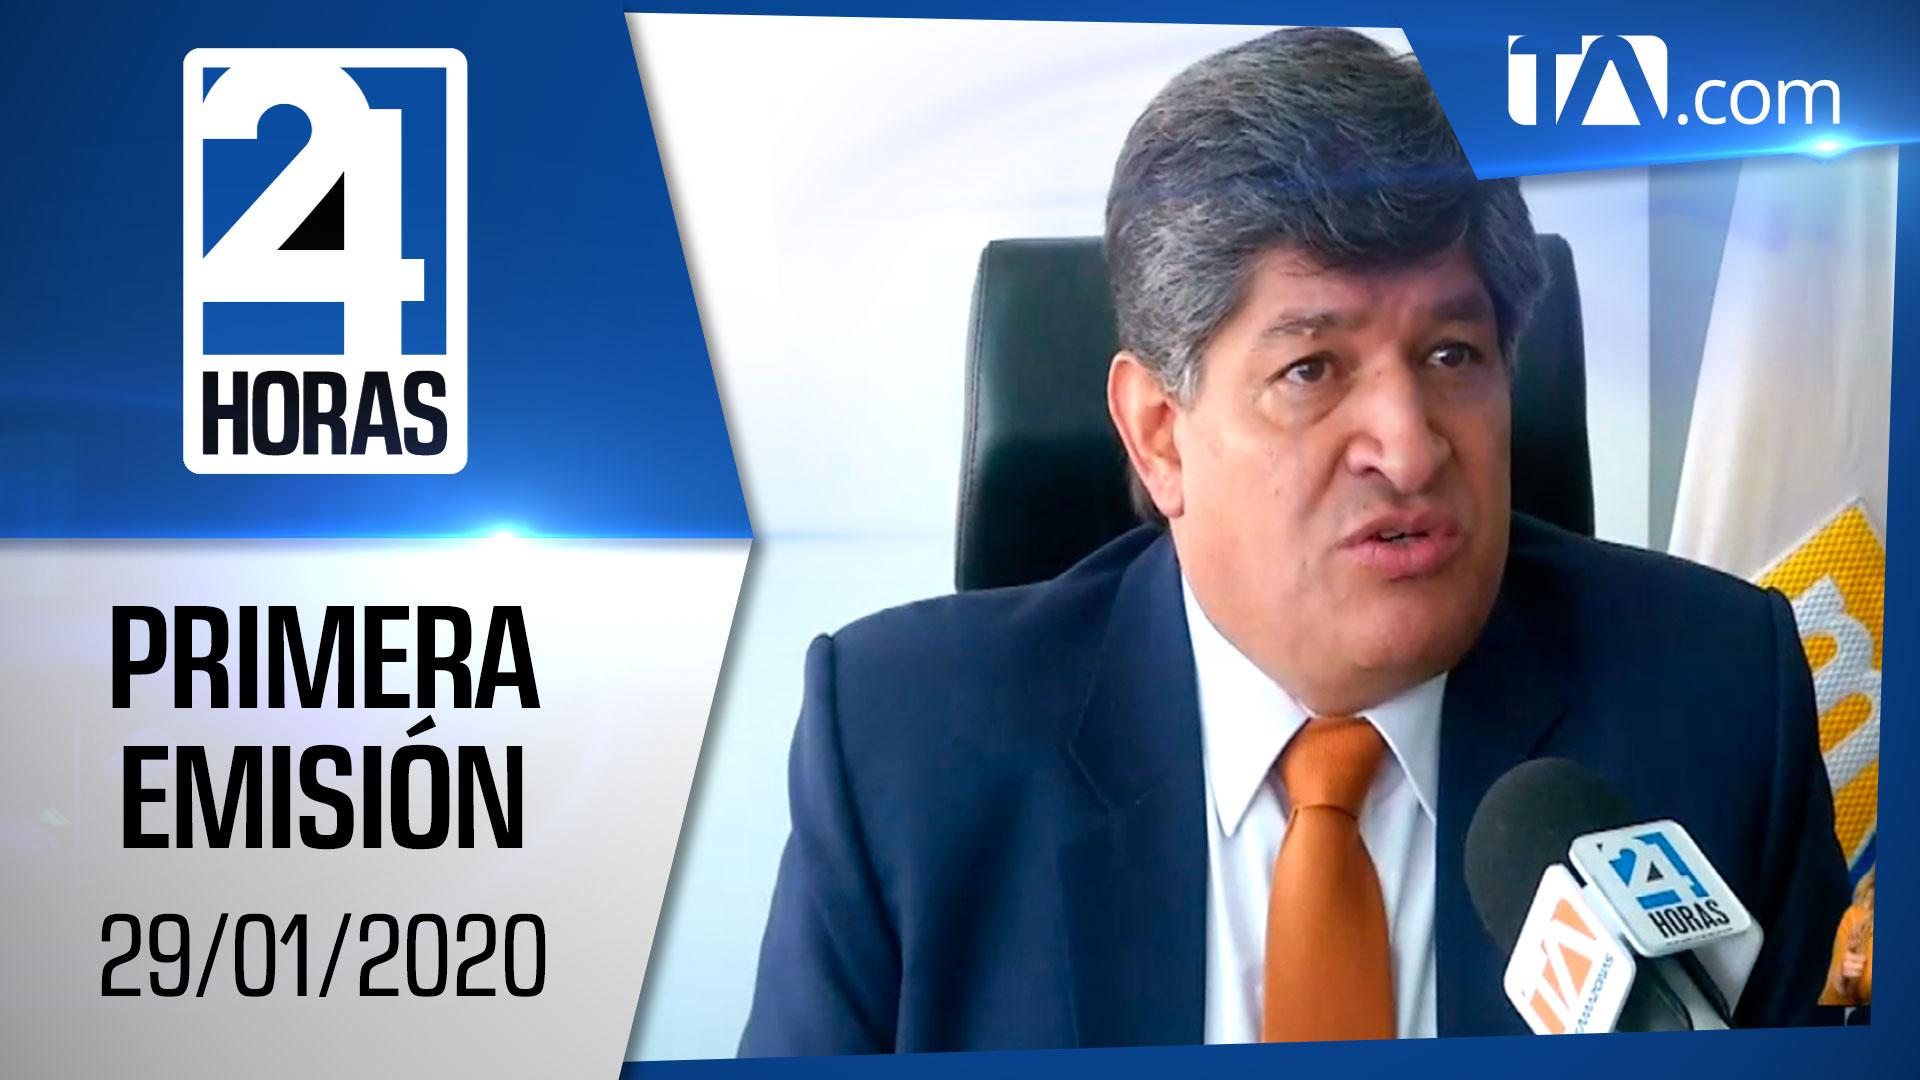 Noticias Ecuador : Noticiero 24 Horas 29/01/2021 (Primera Emisión)